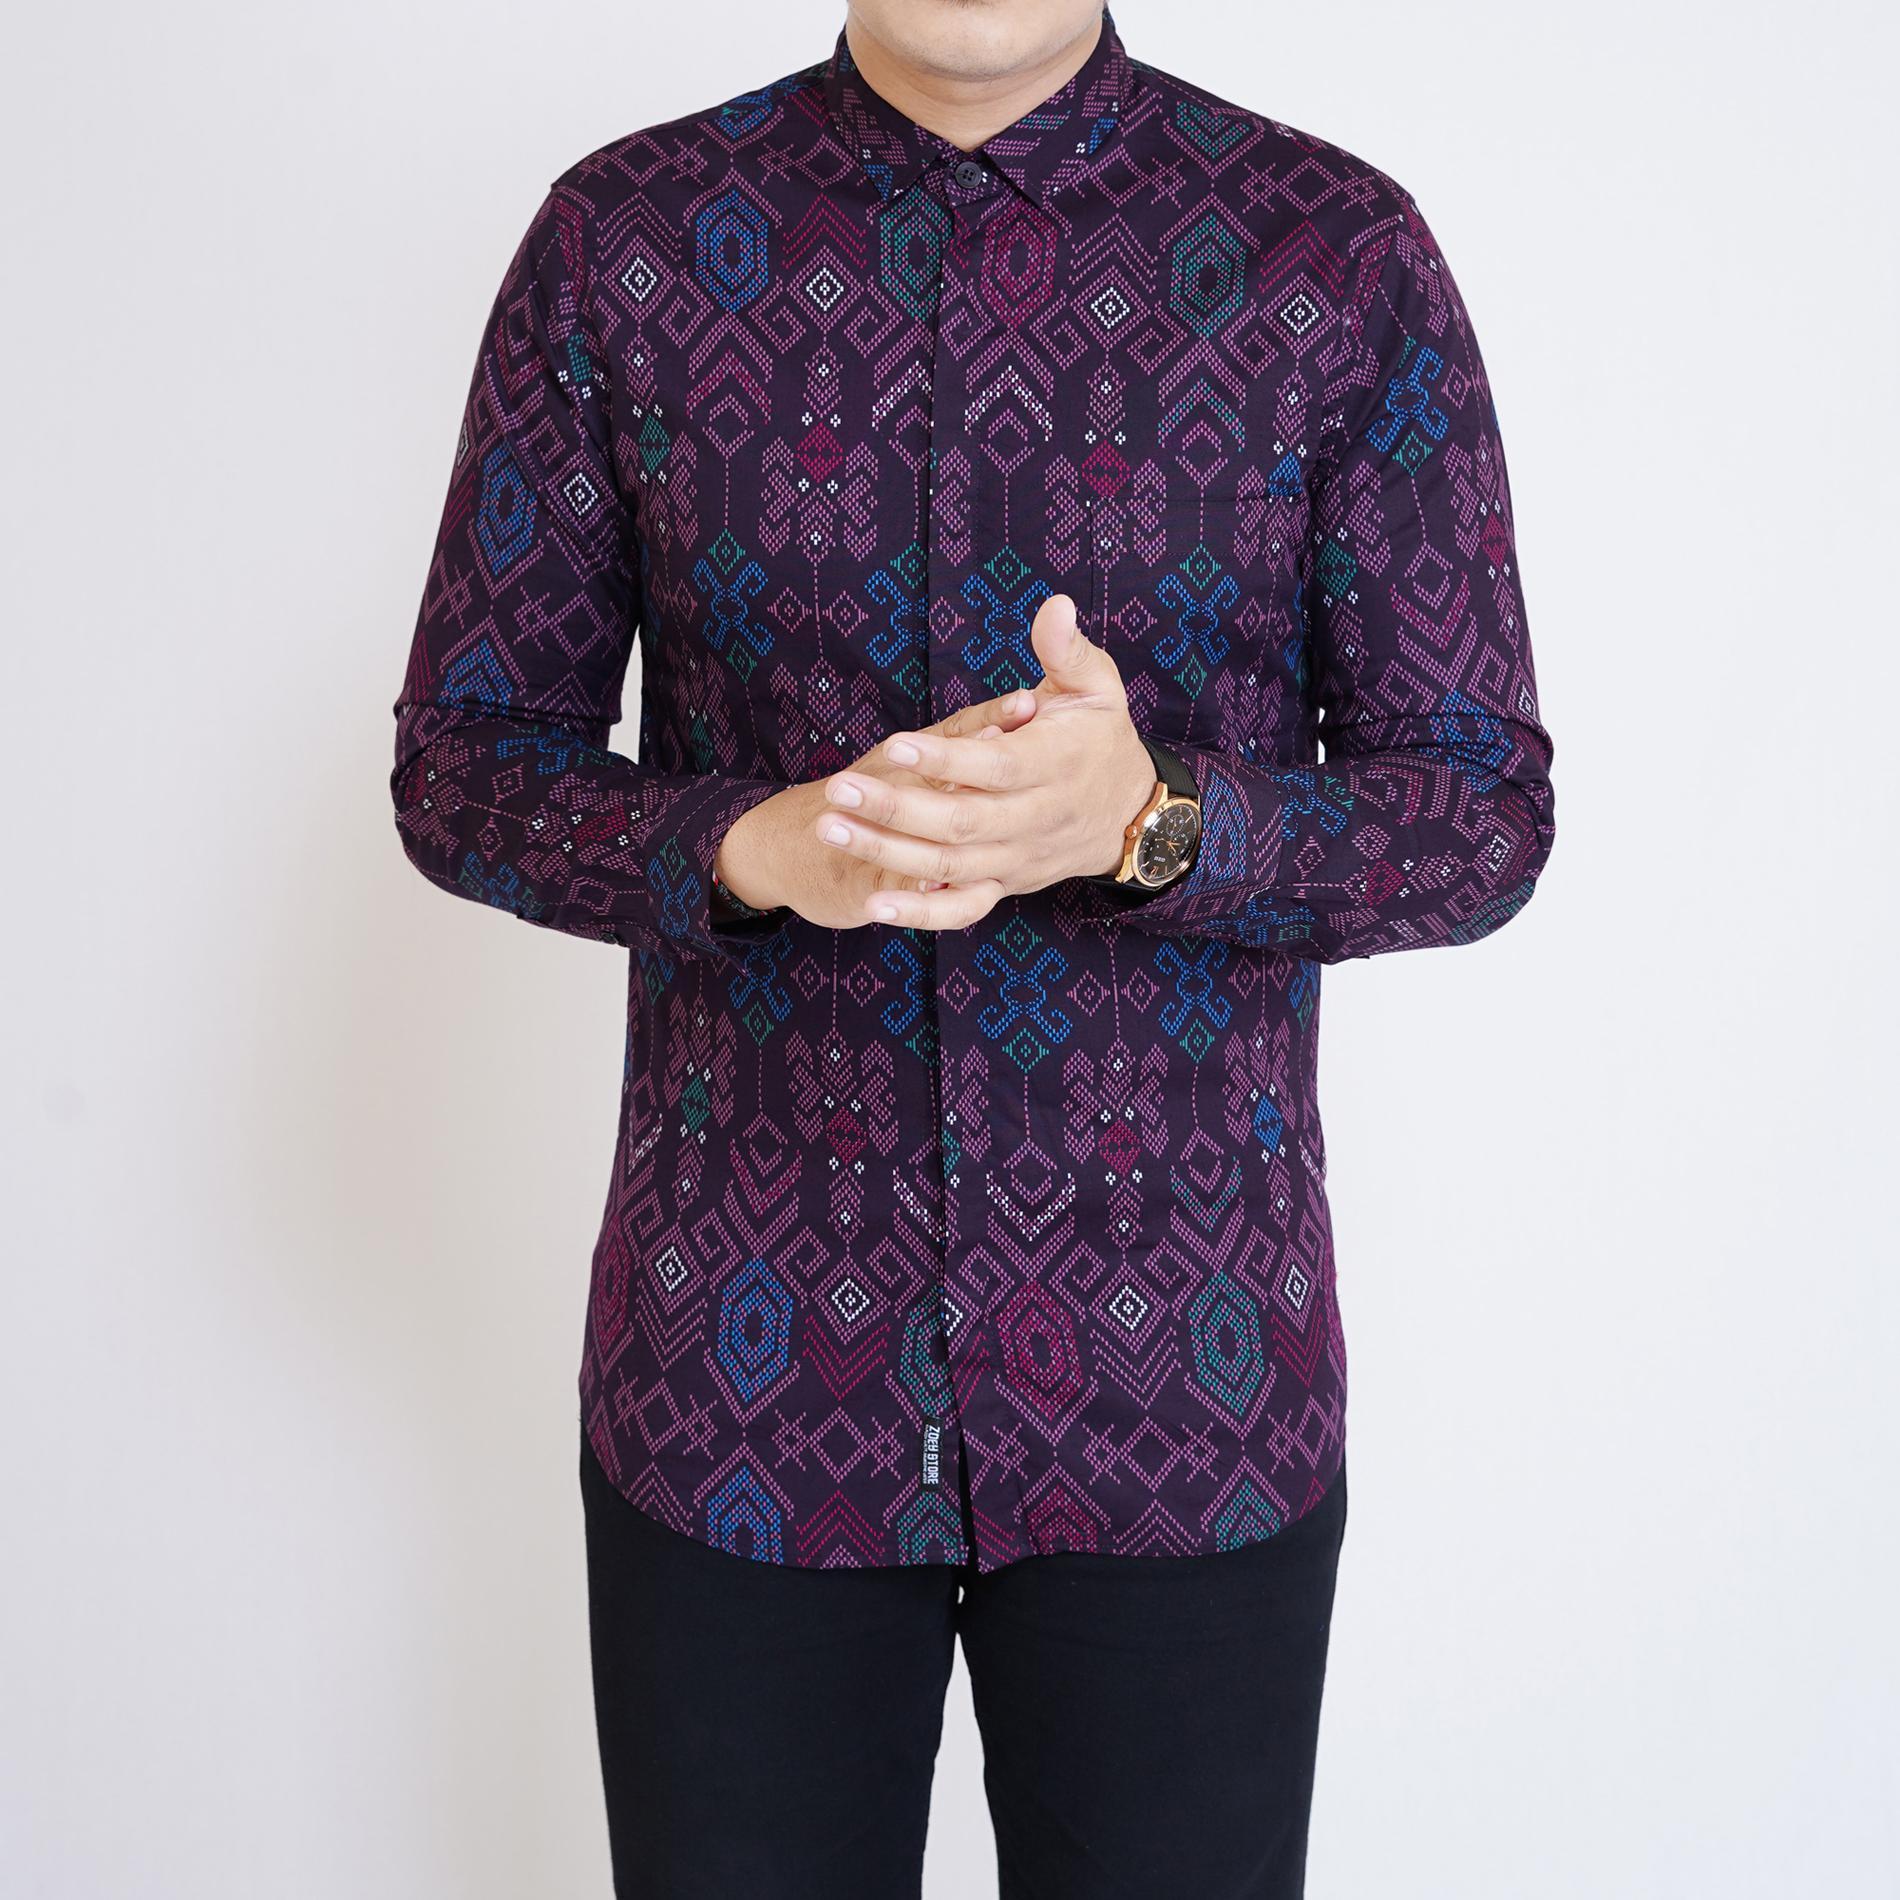 Zs Fashion 6423 Kemeja Batik Pria Lengan Panjang Kemeja Batik Cowok Kerja Kantoran Kemeja Formal Batik Stretch Purple